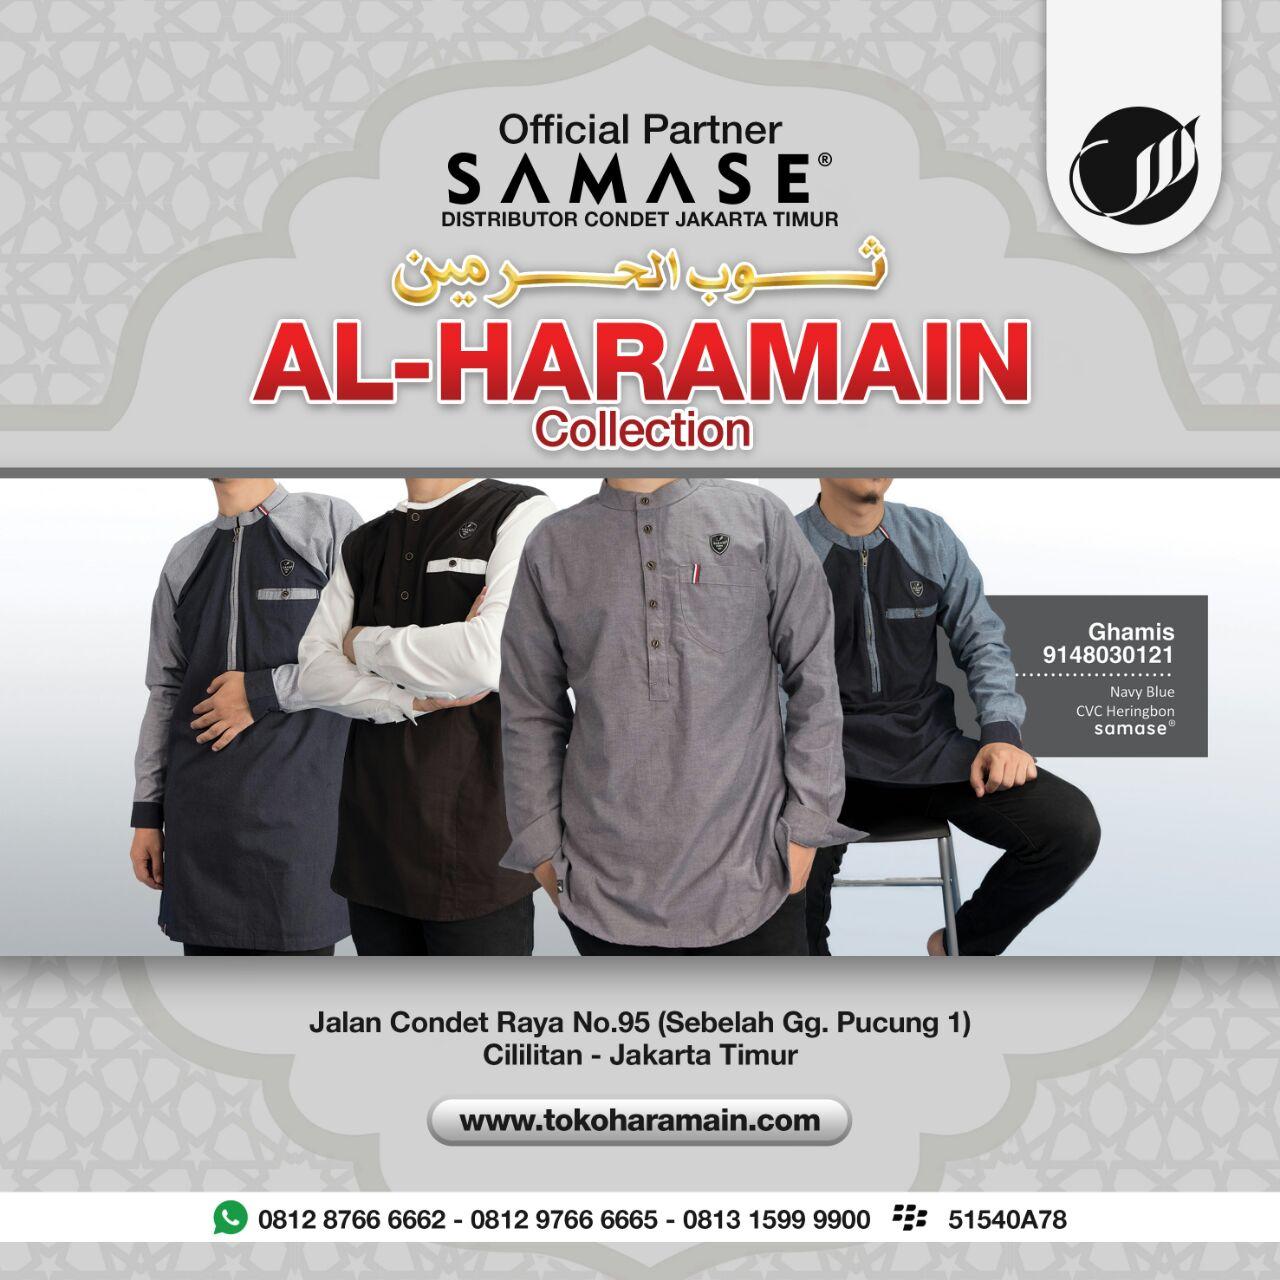 Distributor Samase Tanggerang